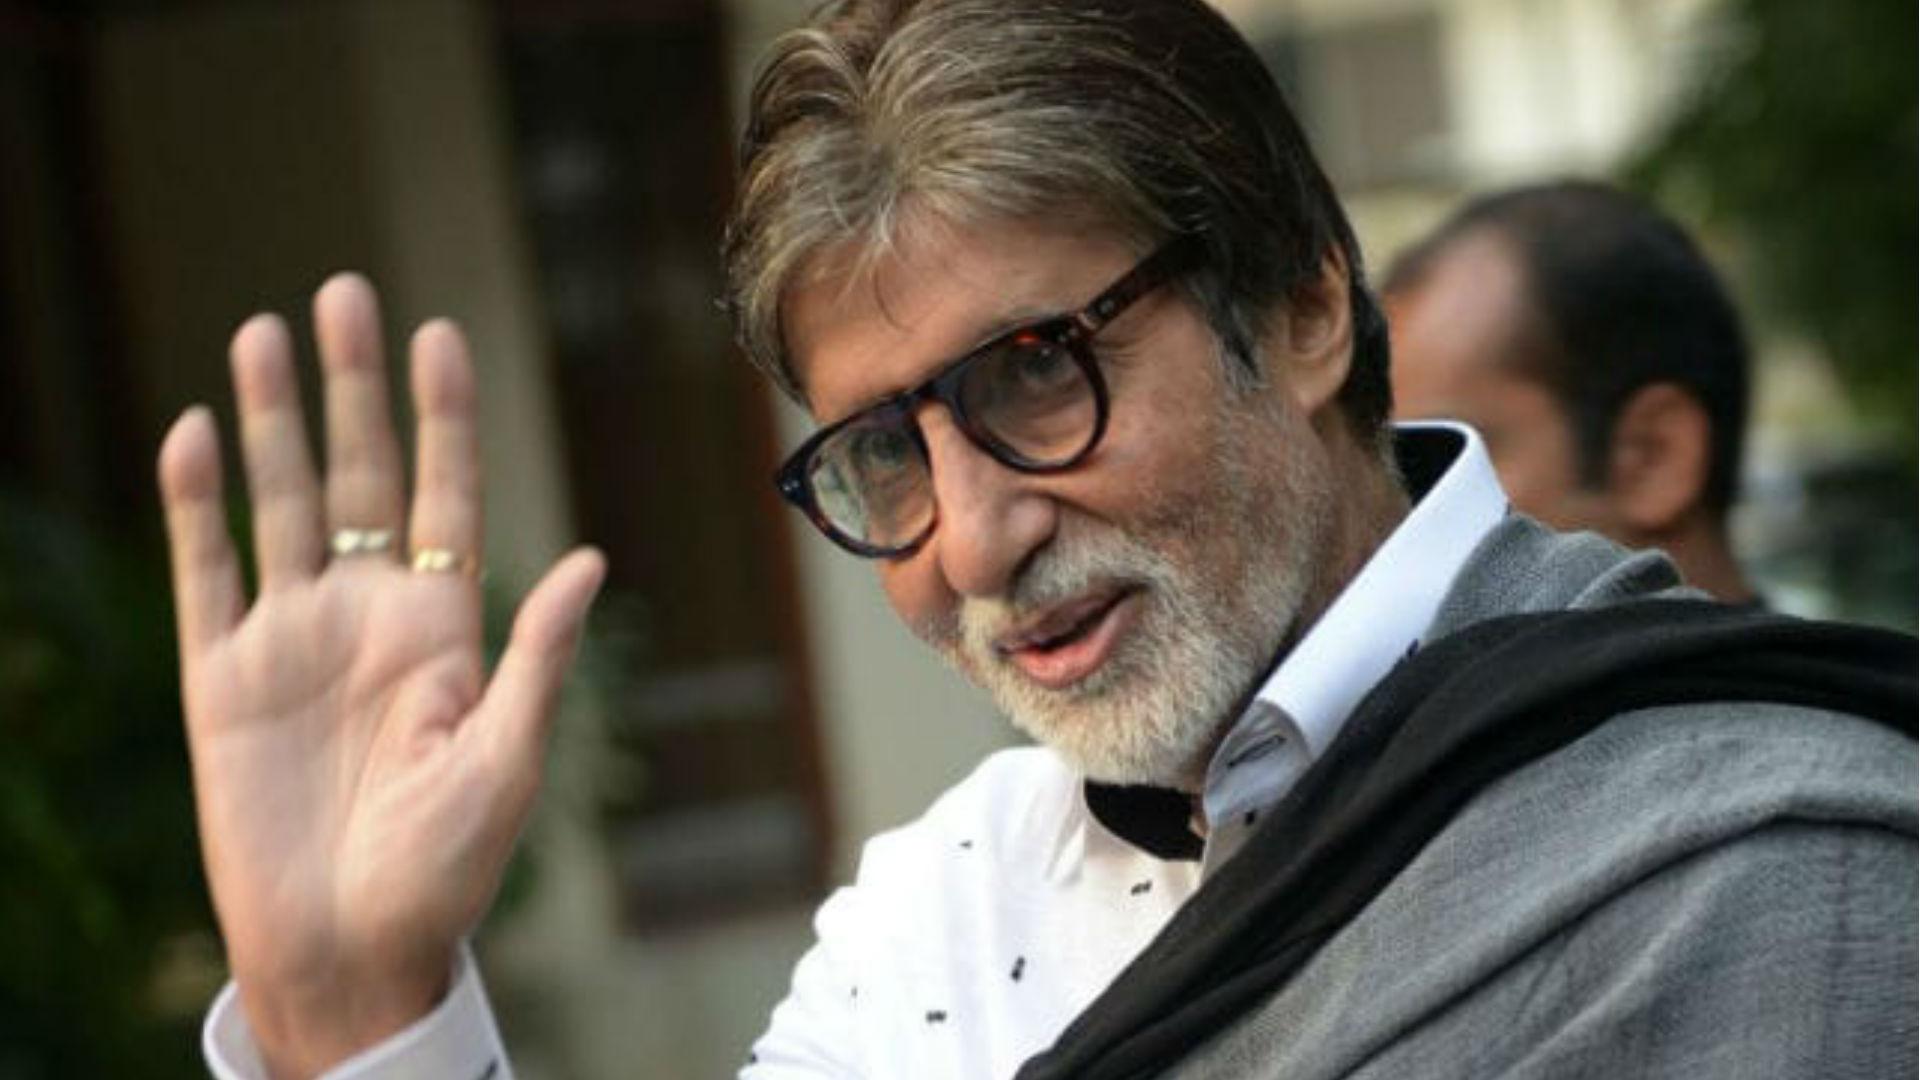 Breaking News: अमिताभ बच्चन को फिल्मी दुनिया का सबसे बड़ा सम्मान, मिला दादा साहेब फाल्के पुरस्कार